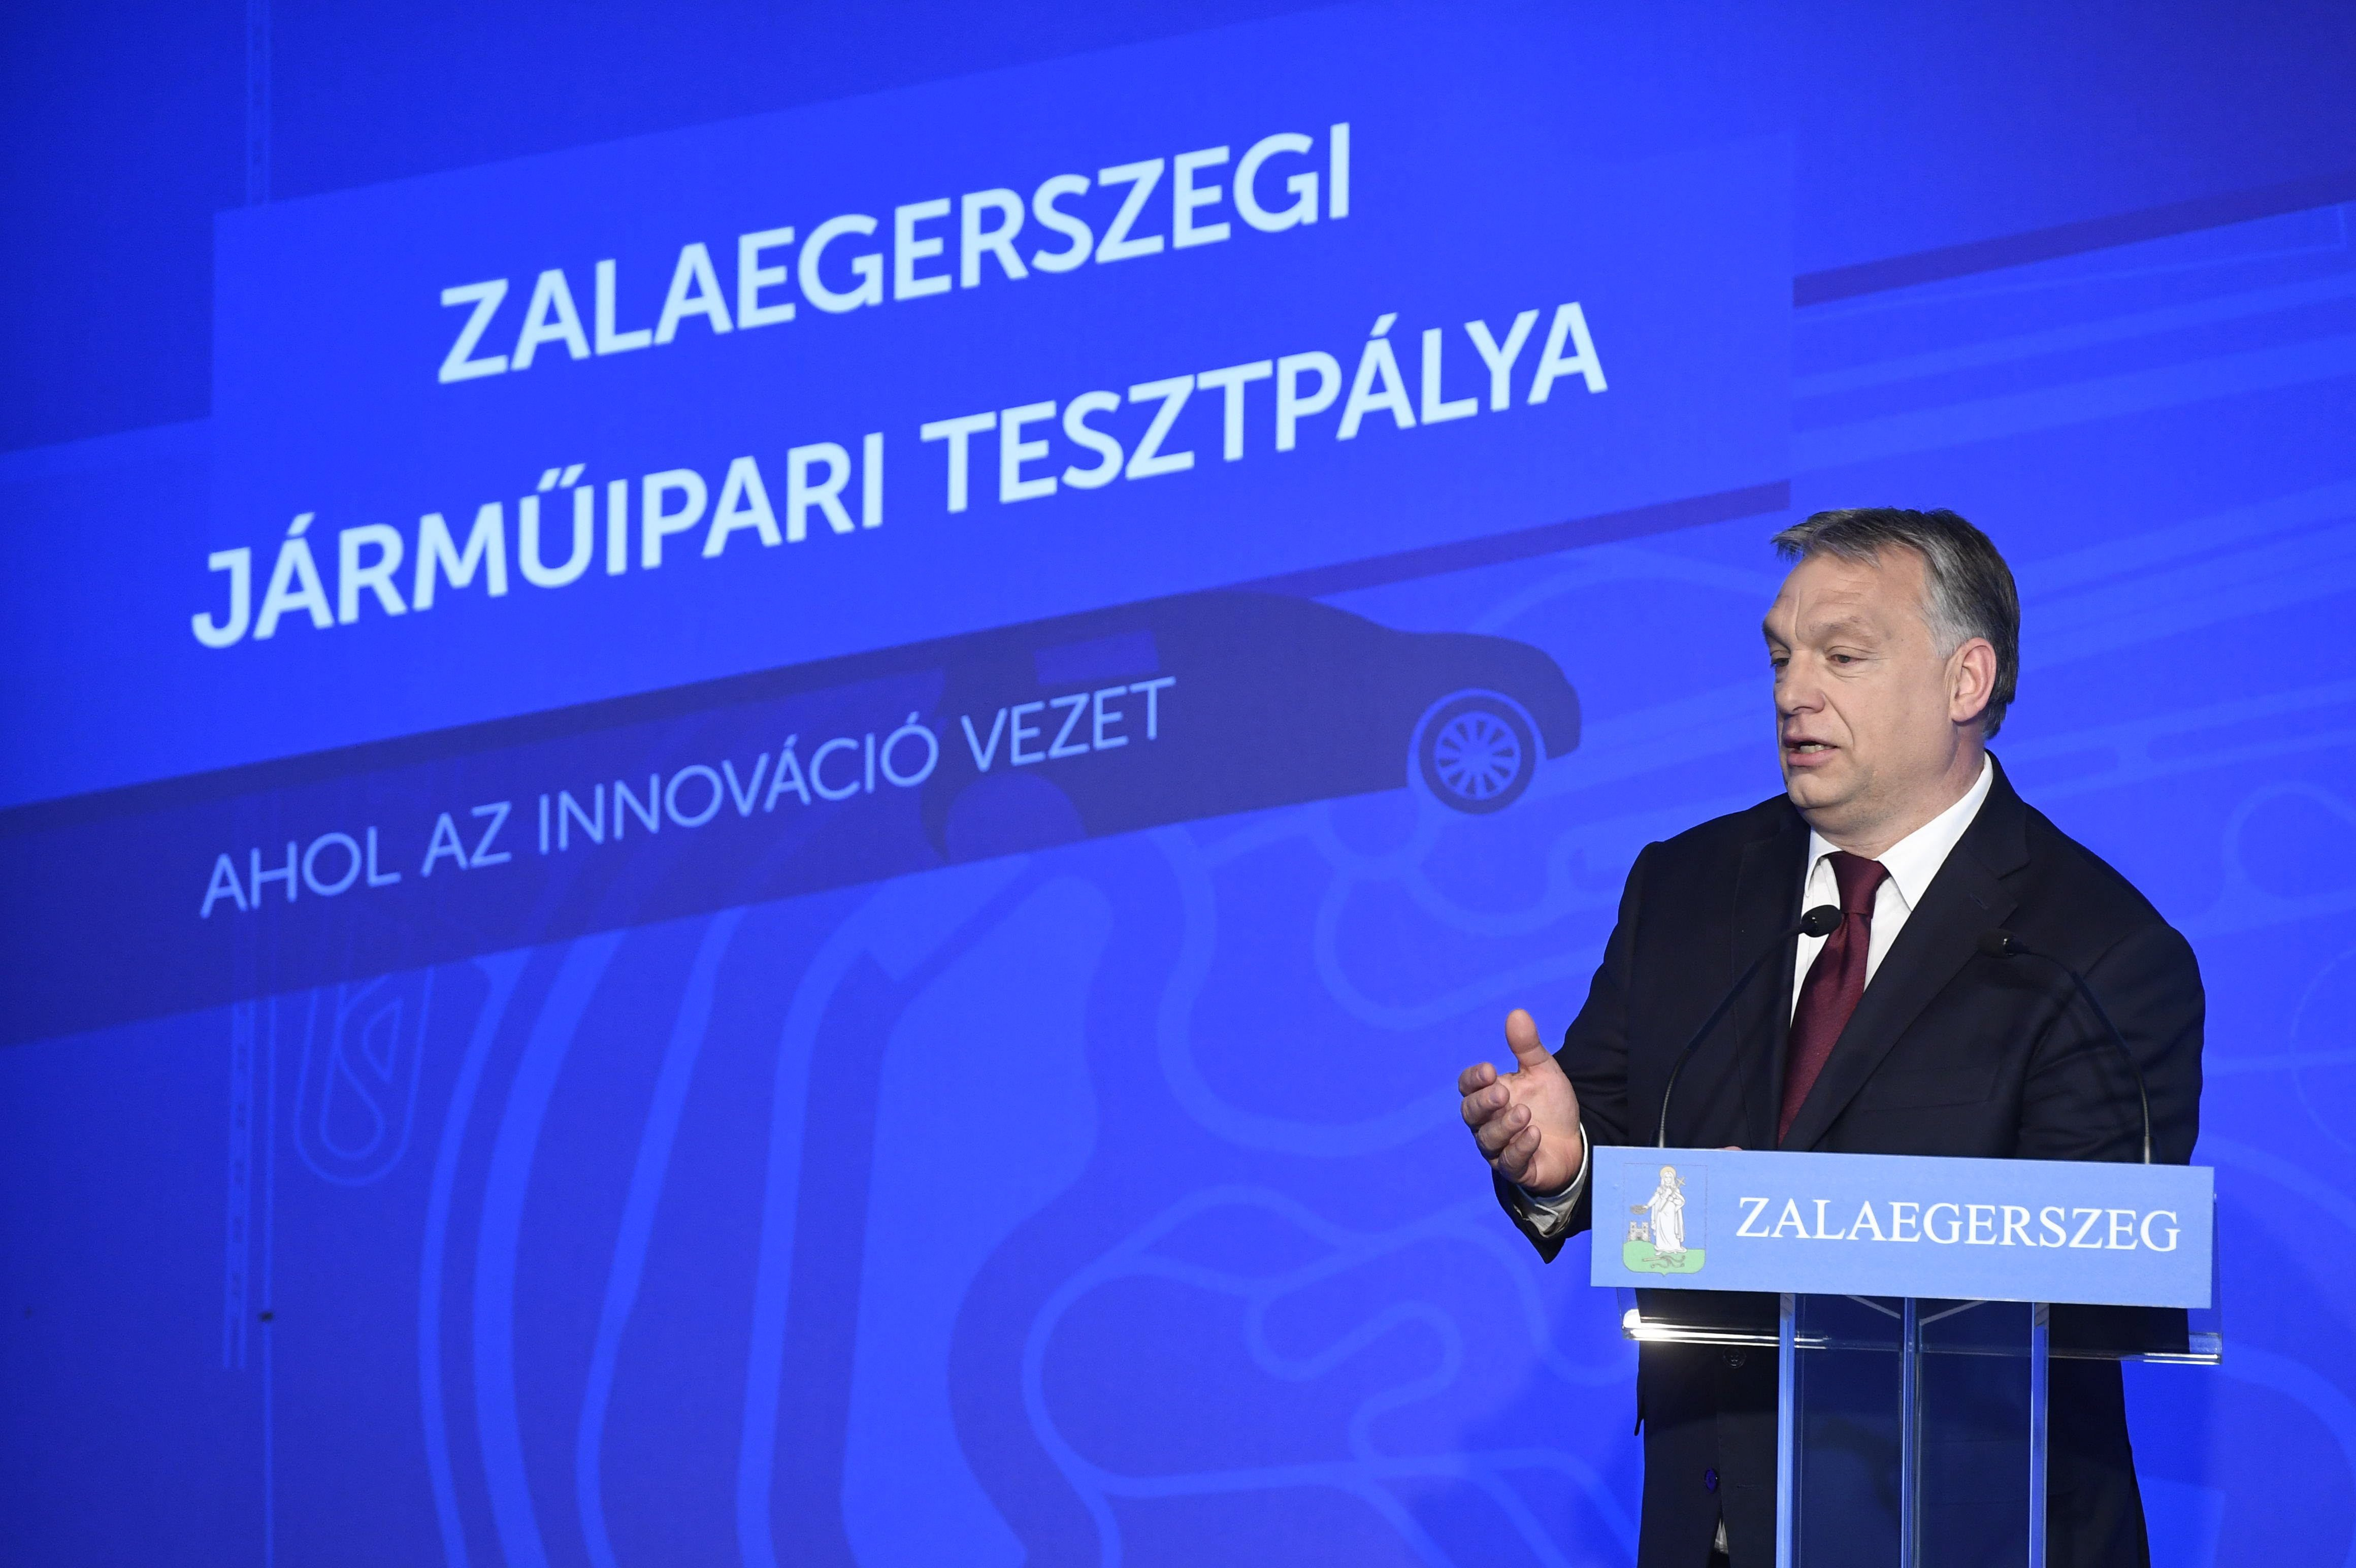 Természetesen Orbánék egyik kedvenc cége nyerte a zalaegerszegi autós tesztpálya első fázisát